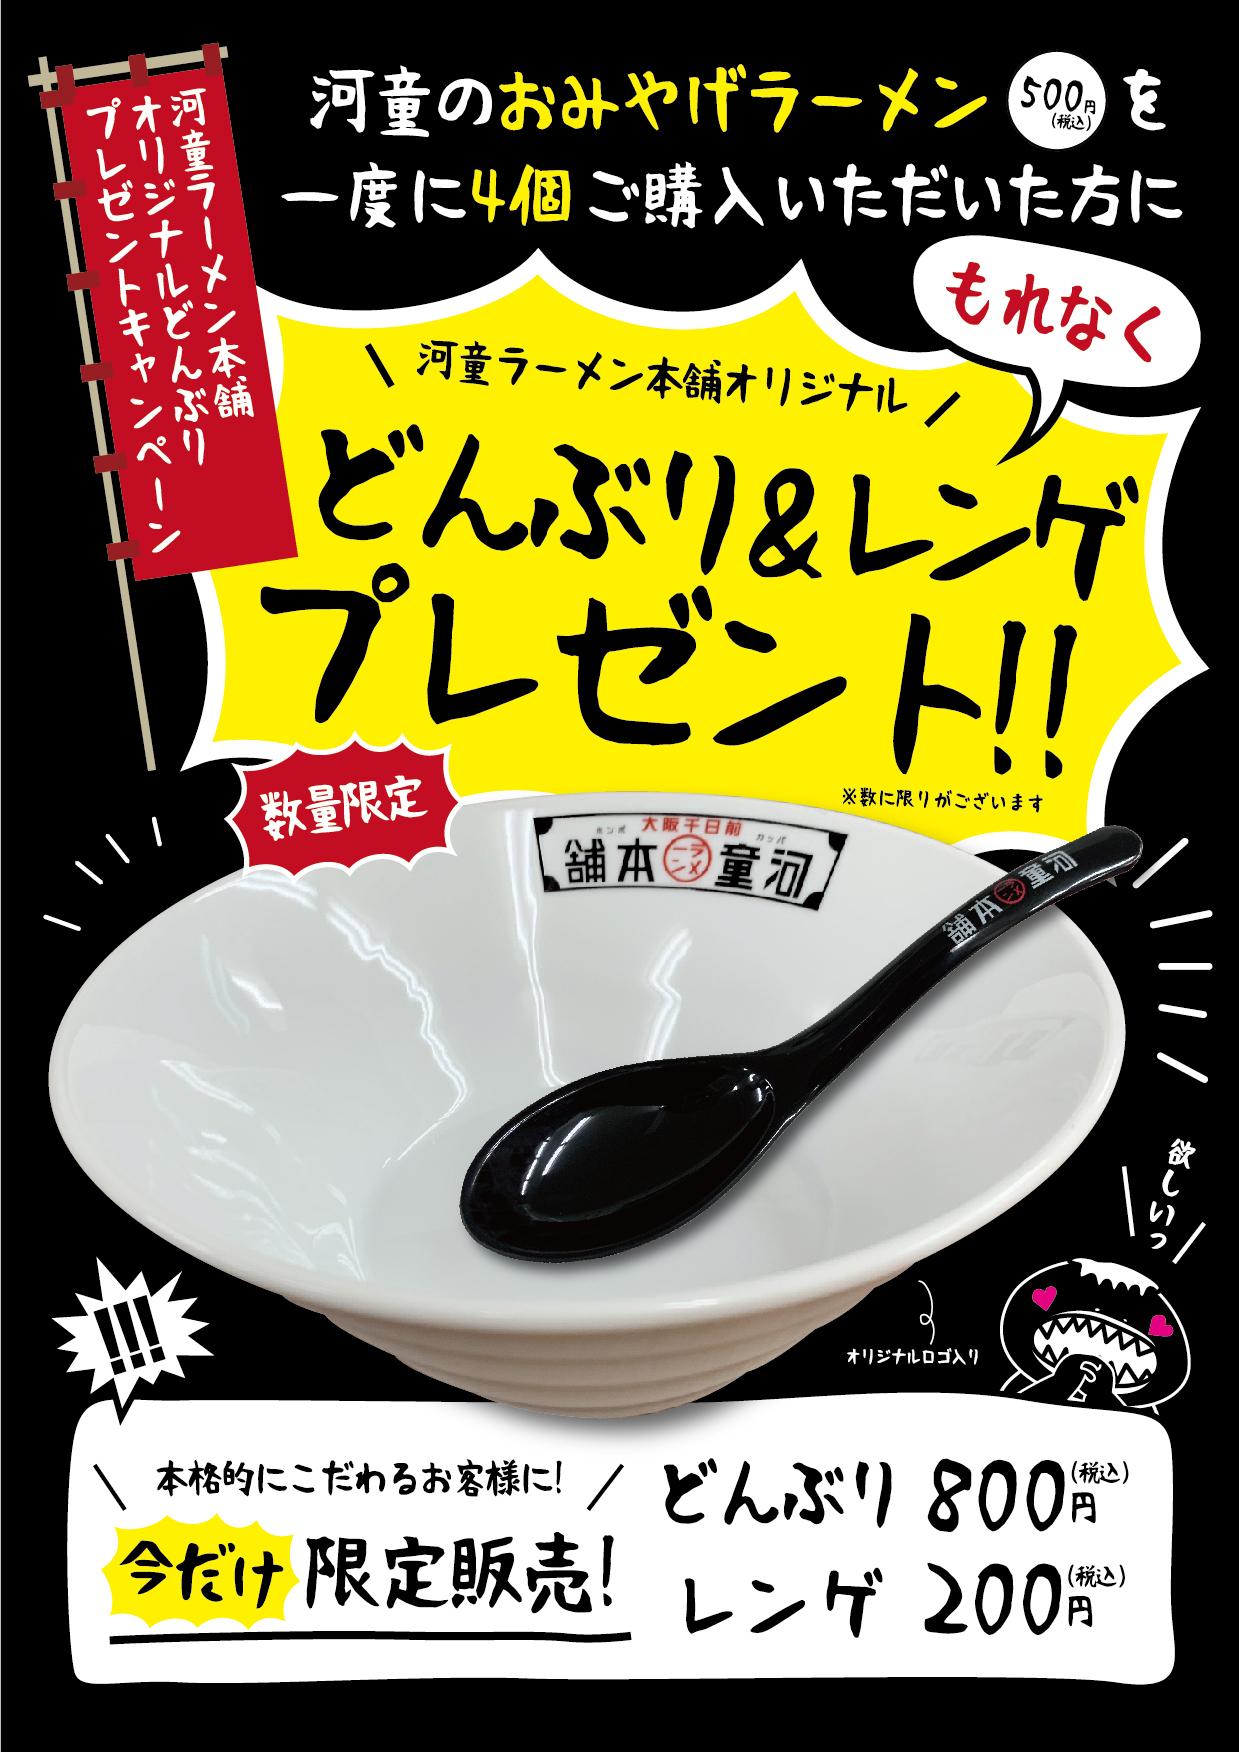 楽しくおうちでラーメン作ろう【河童のおみやげラーメン】1月30日発売開始!の画像